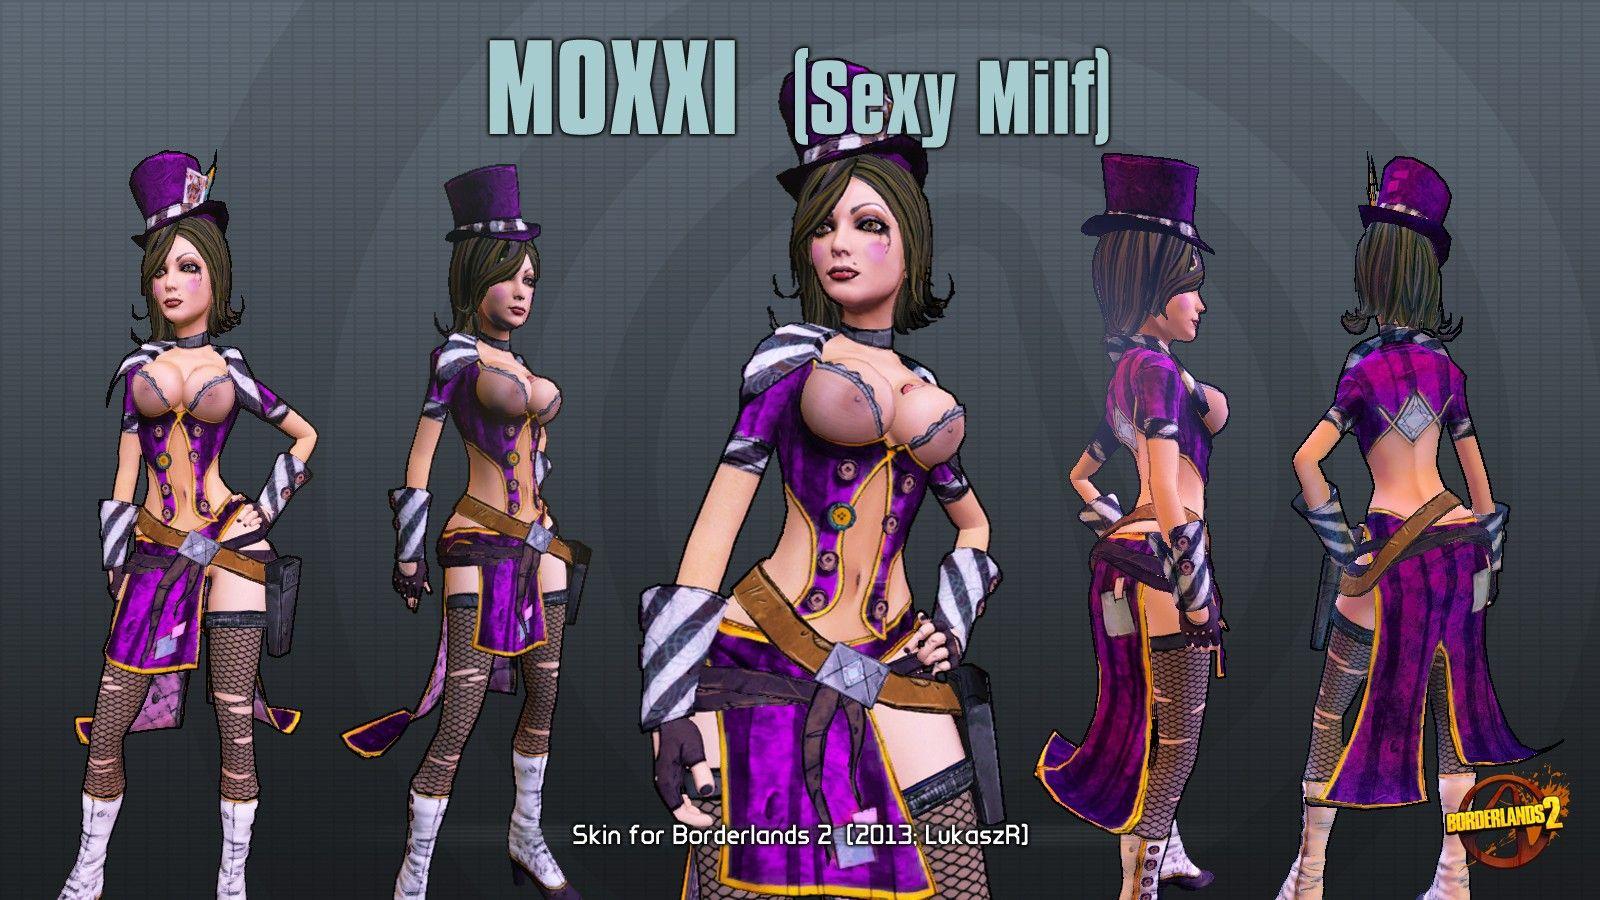 pazzo Moxxi porno fumetto